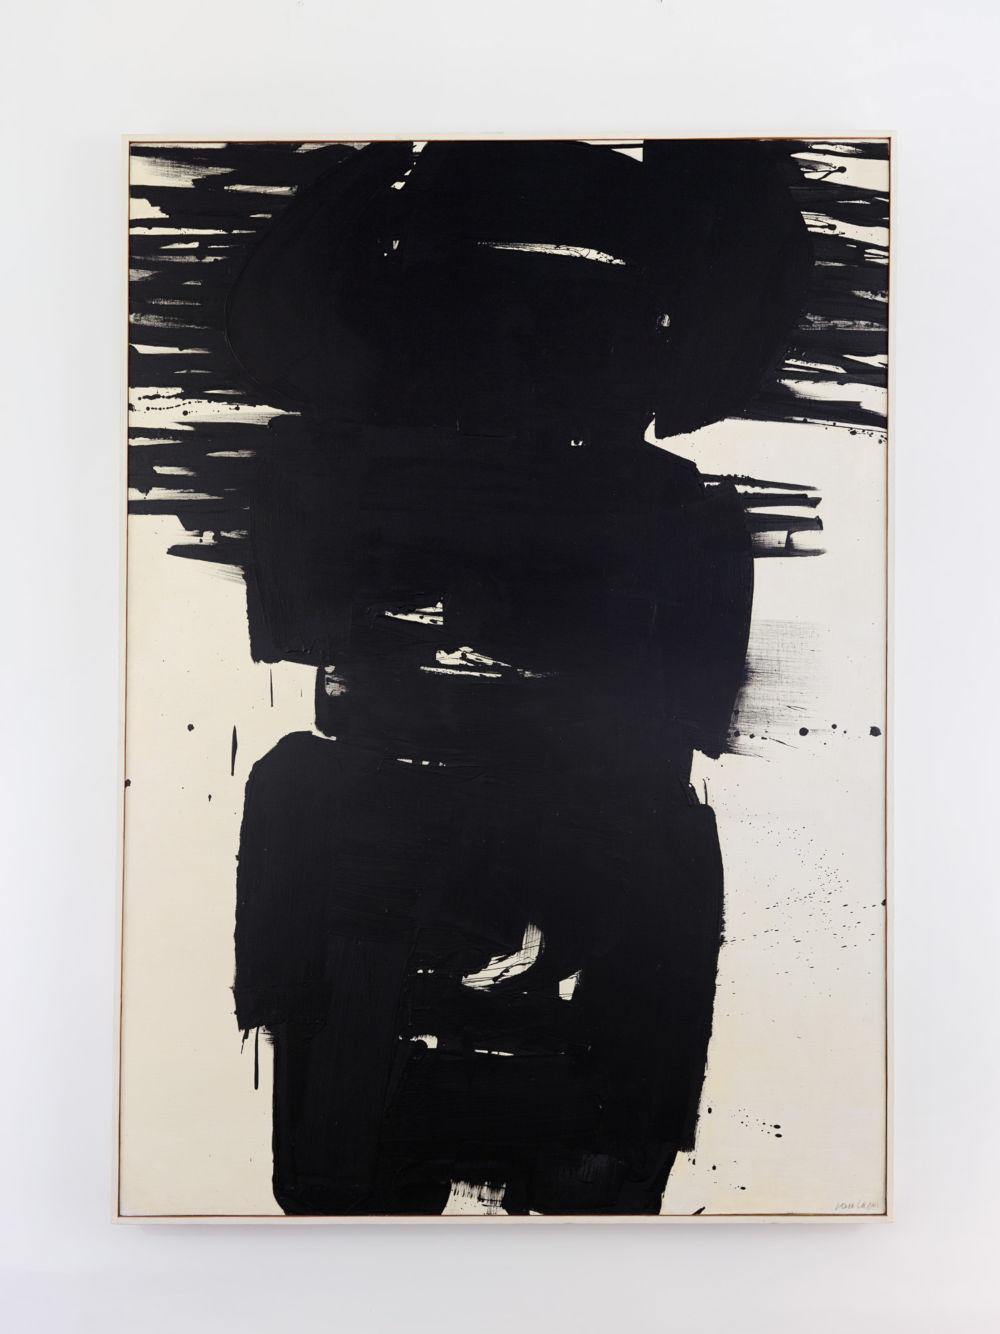 Peinture 202 x 143 cm, 29 septembre 1967